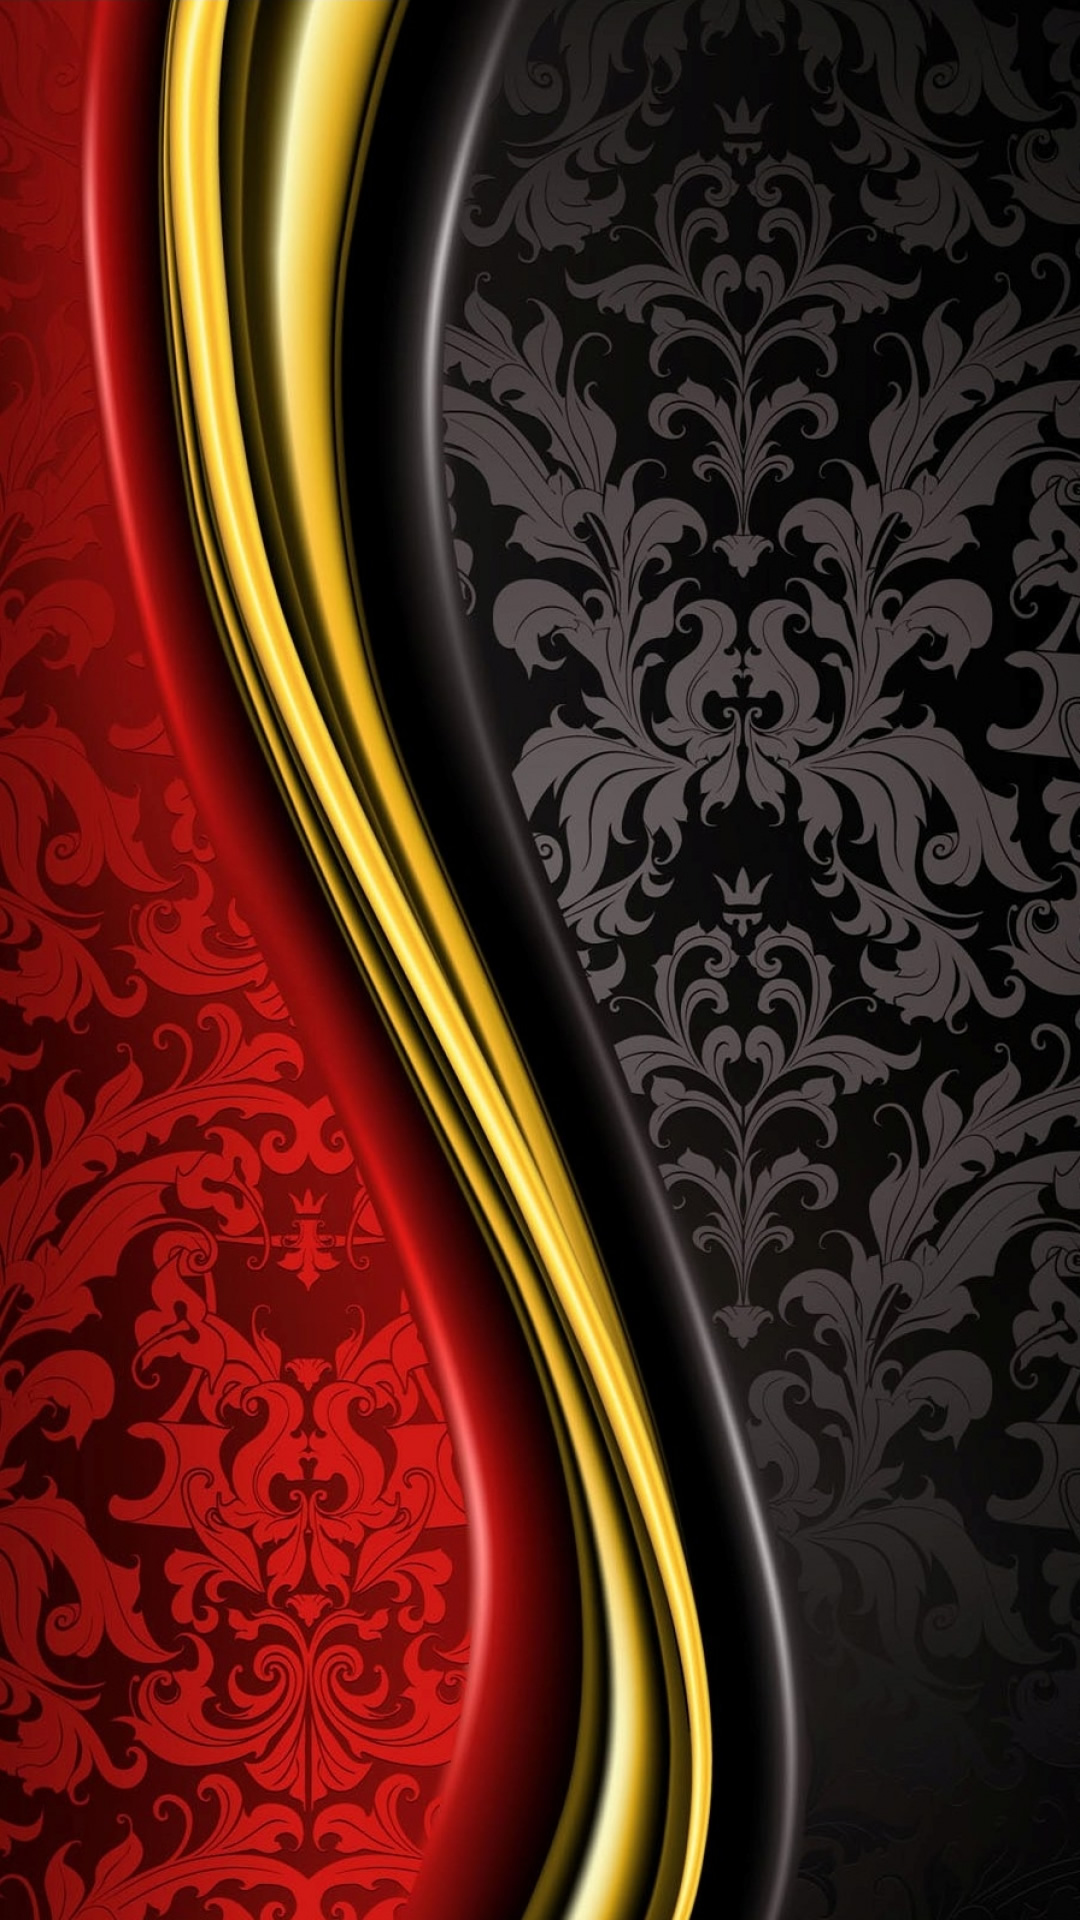 赤と黒の抽象的なパターンのスマホ壁紙 1080 19 テクスチャ Iphoneチーズ